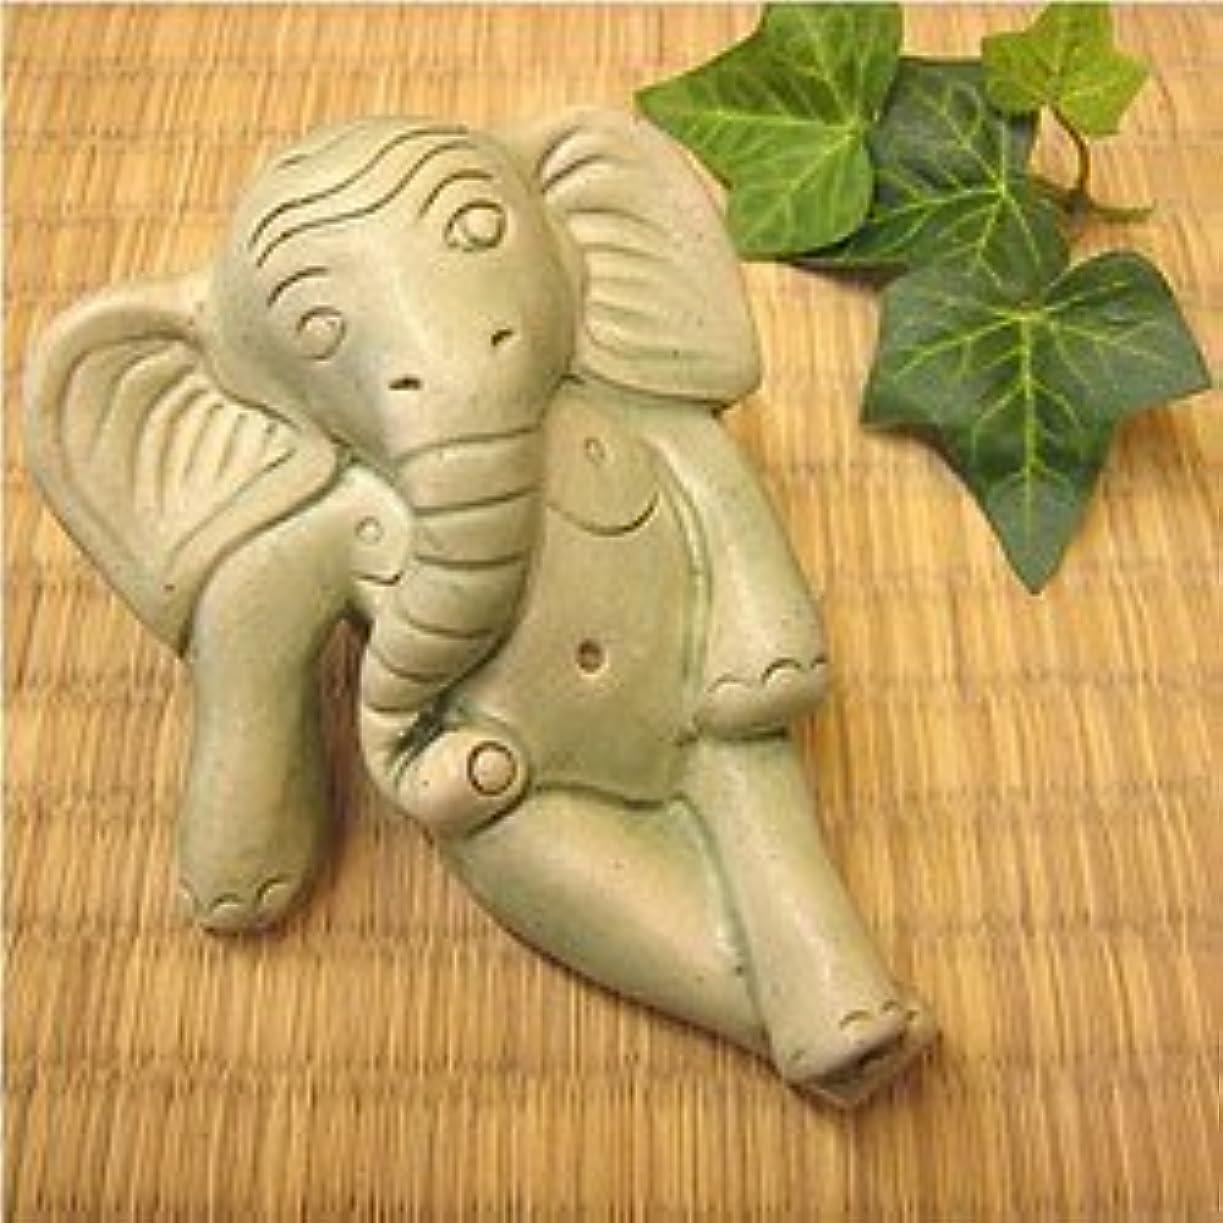 責めブランク突き出すタバナン焼 象さん お香たて アジアン雑貨